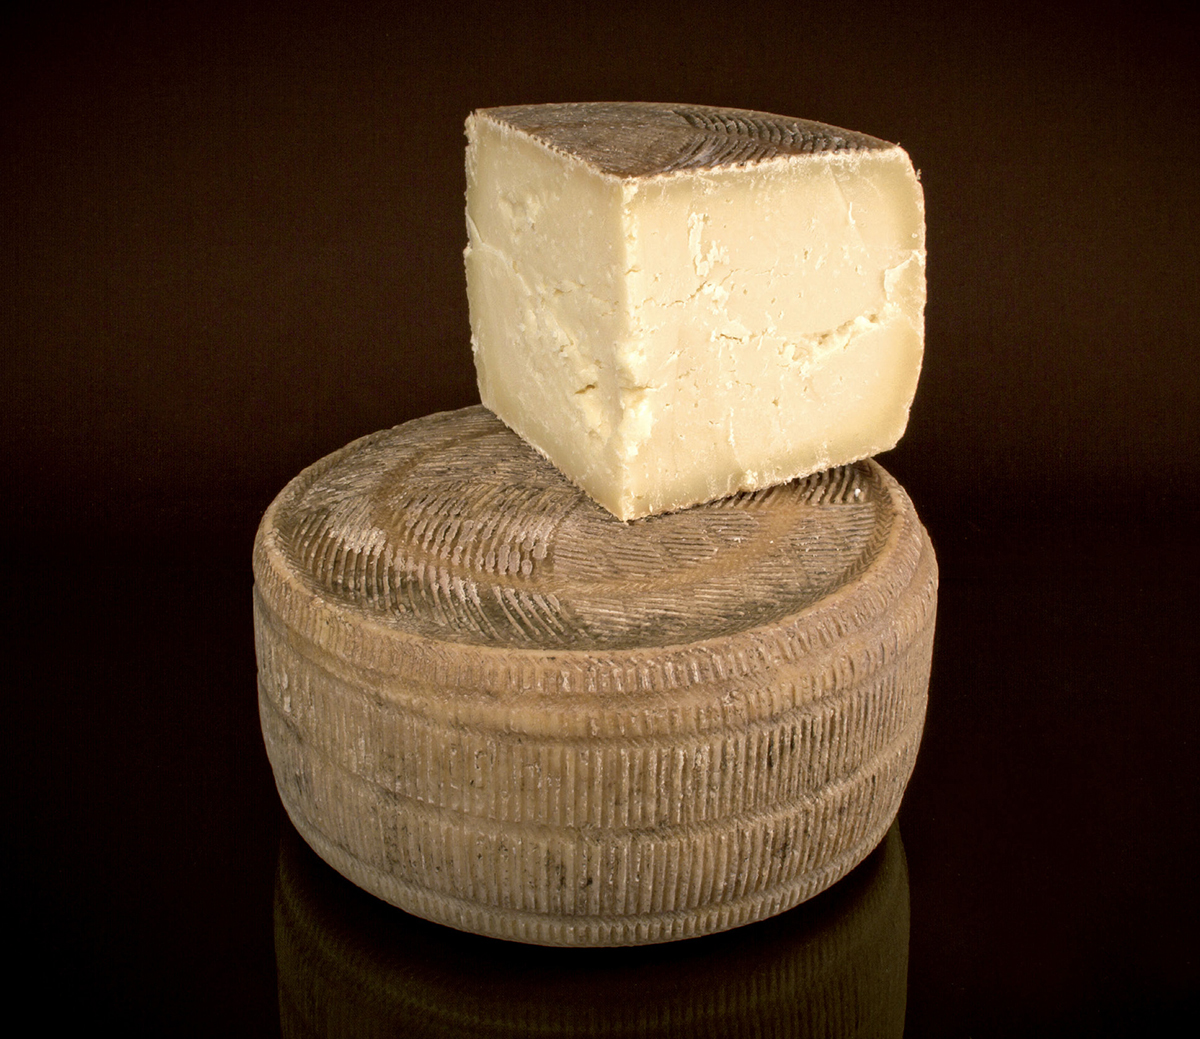 Canestrato Pugliese DOP / formaggio.it / formaggio.it